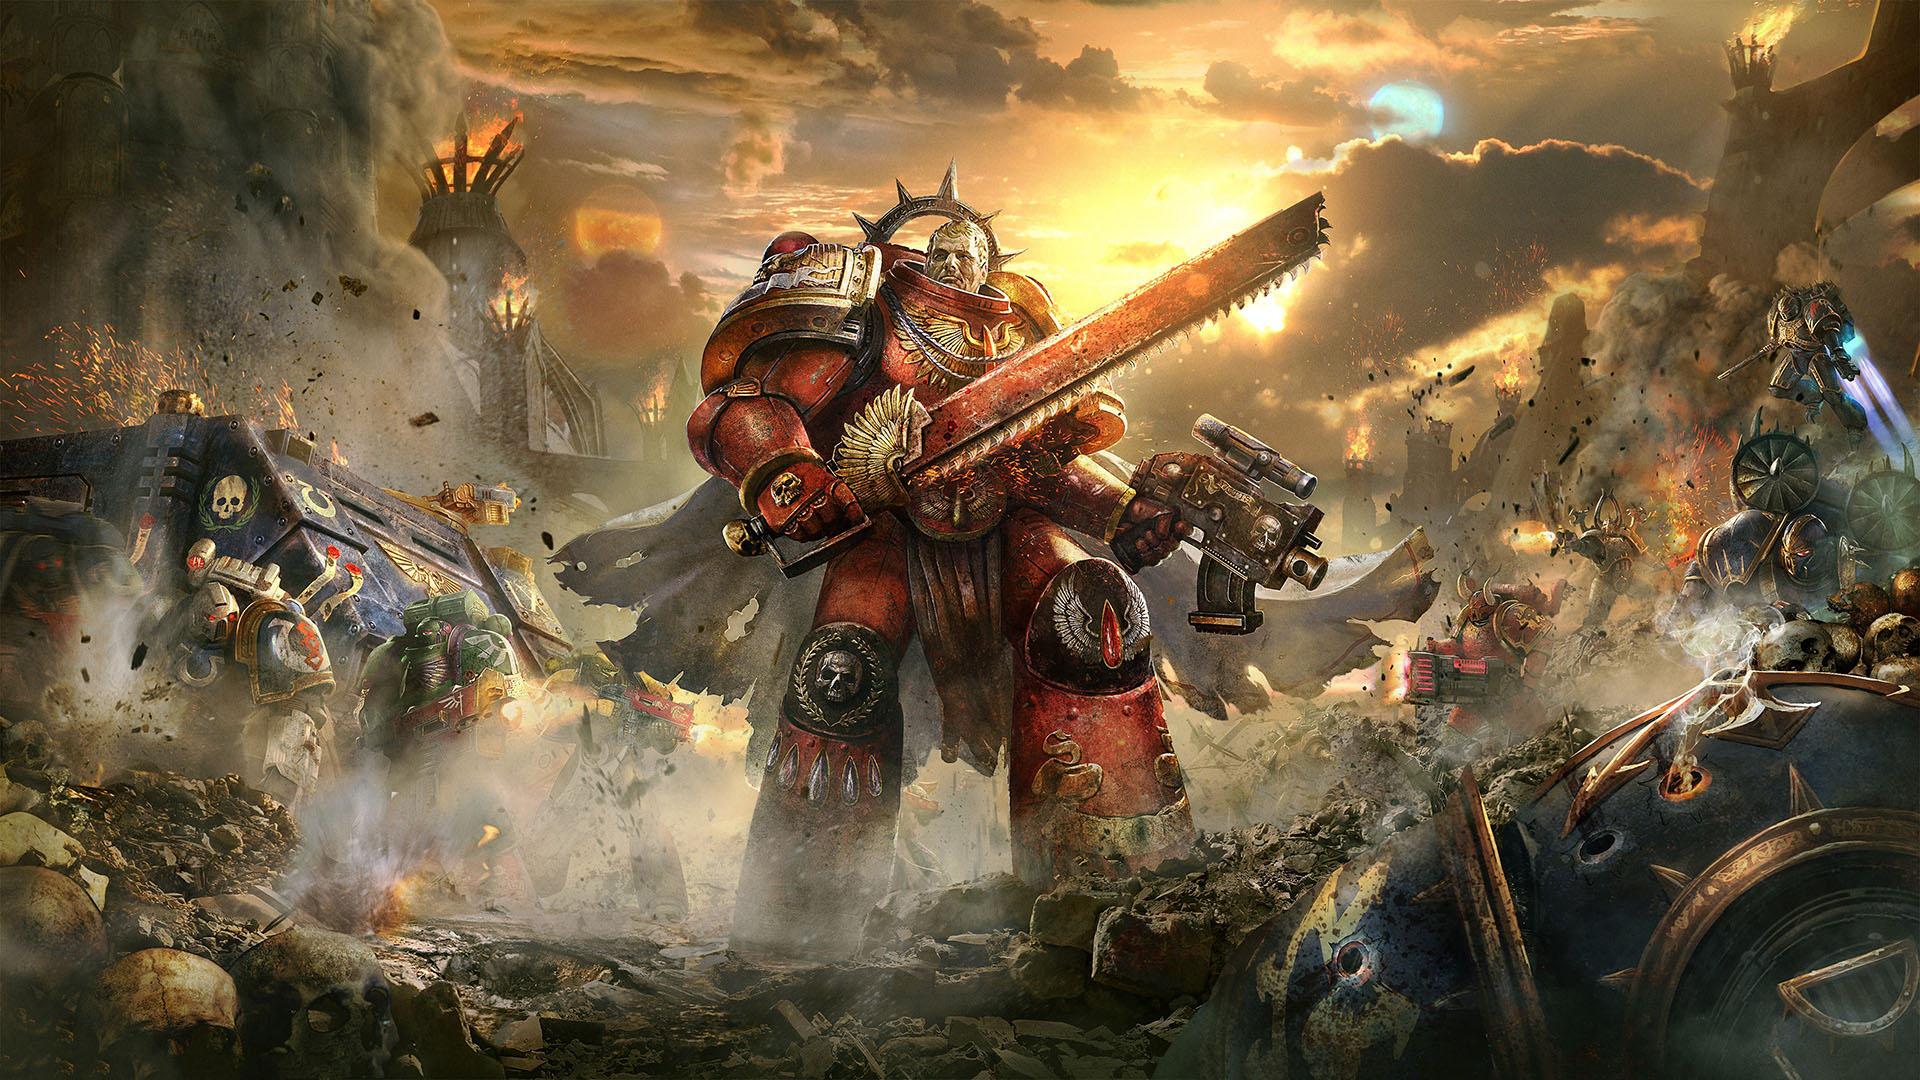 nuevos Juegos de Warhammer para Android